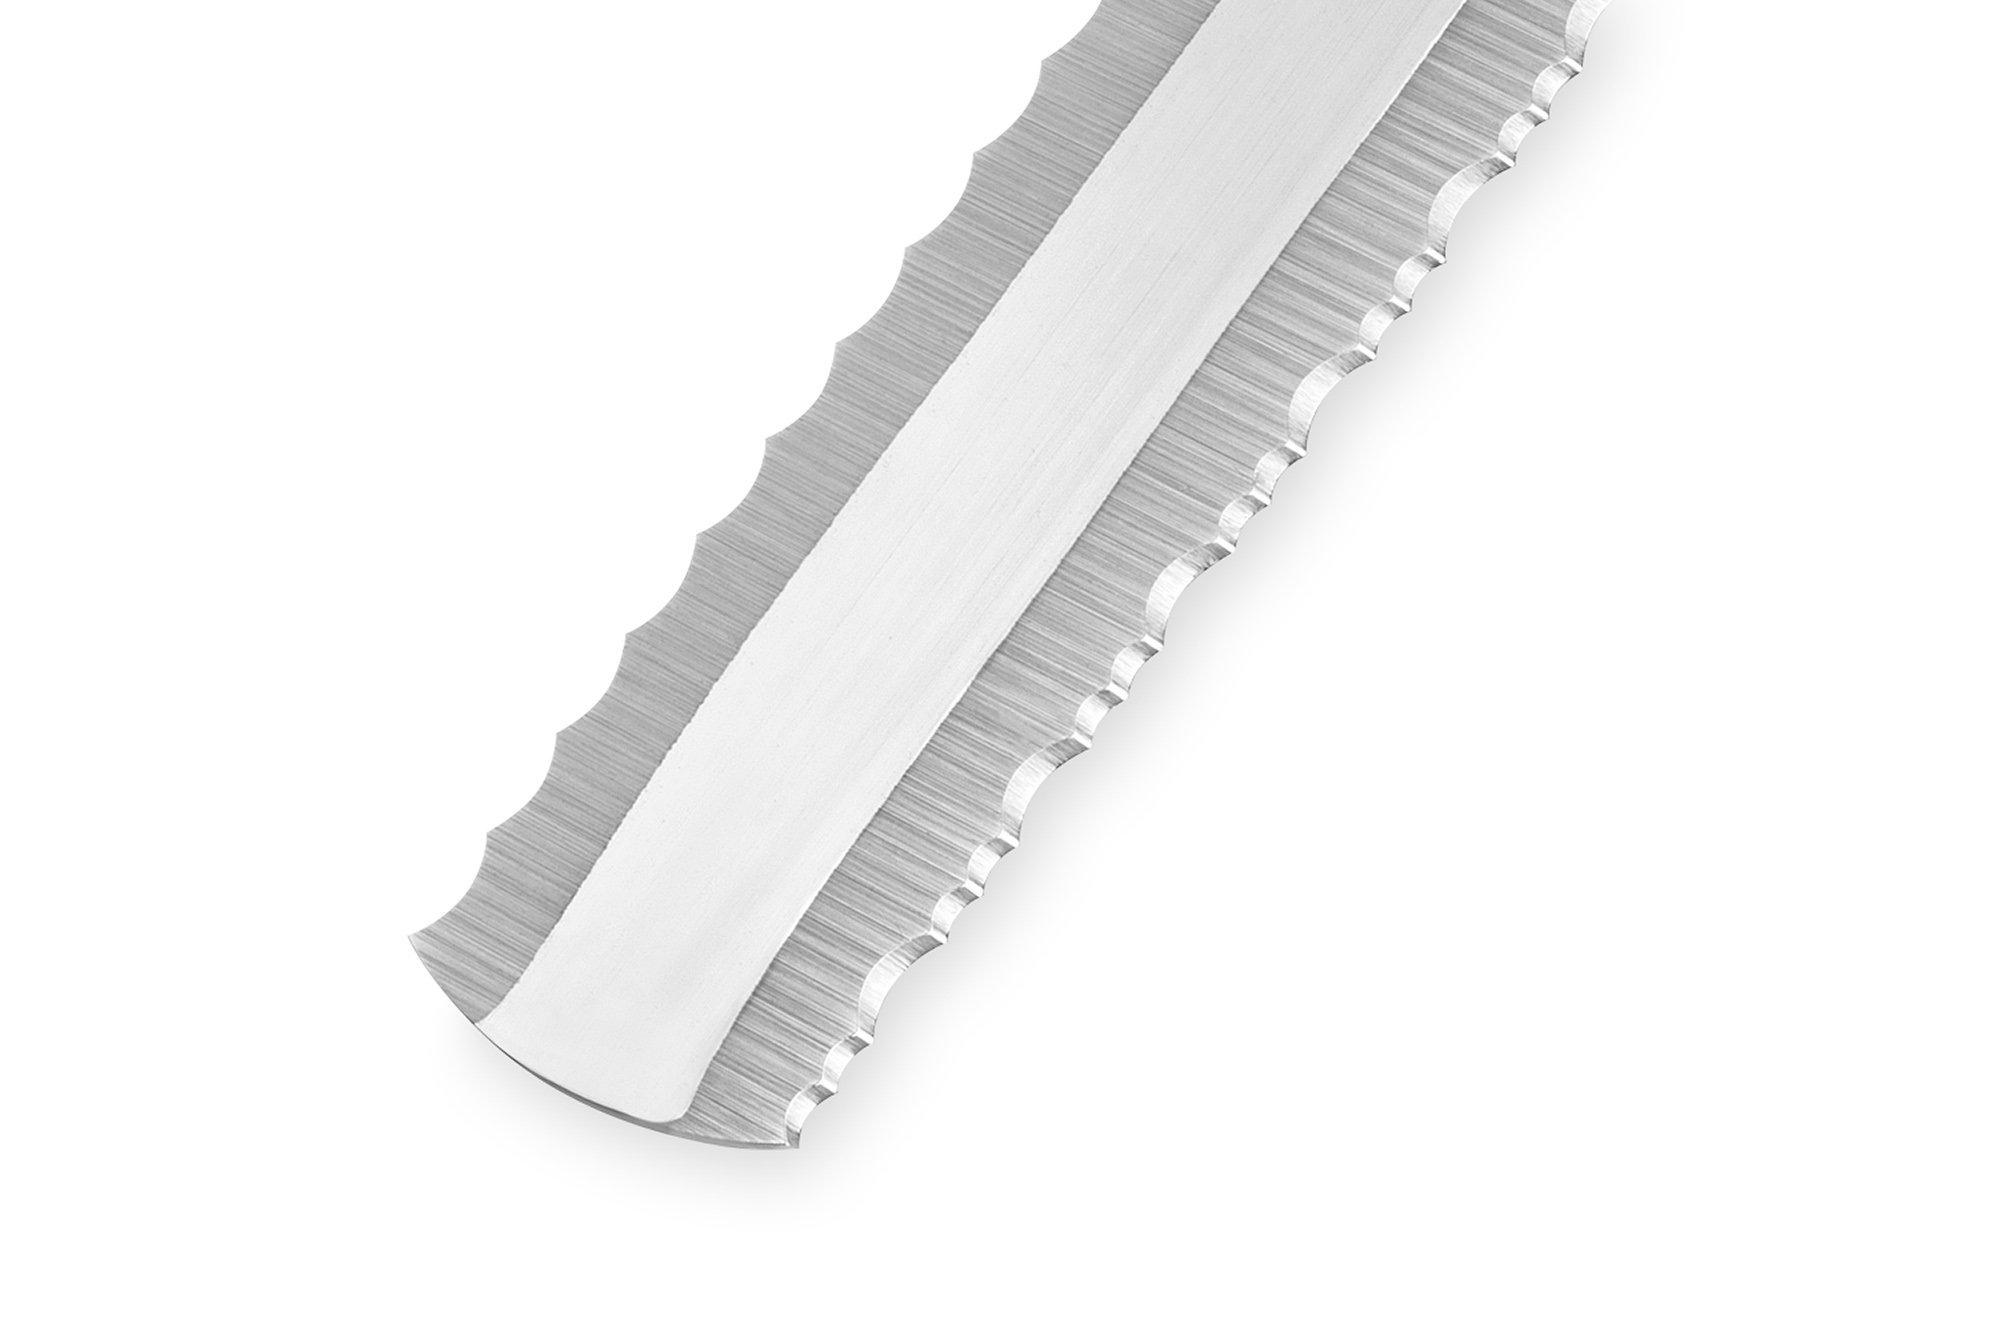 Фото 6 - Нож для замороженных продуктов Samura Harakiri SHR-0057W, сталь AUS-8, рукоять ABS пластик